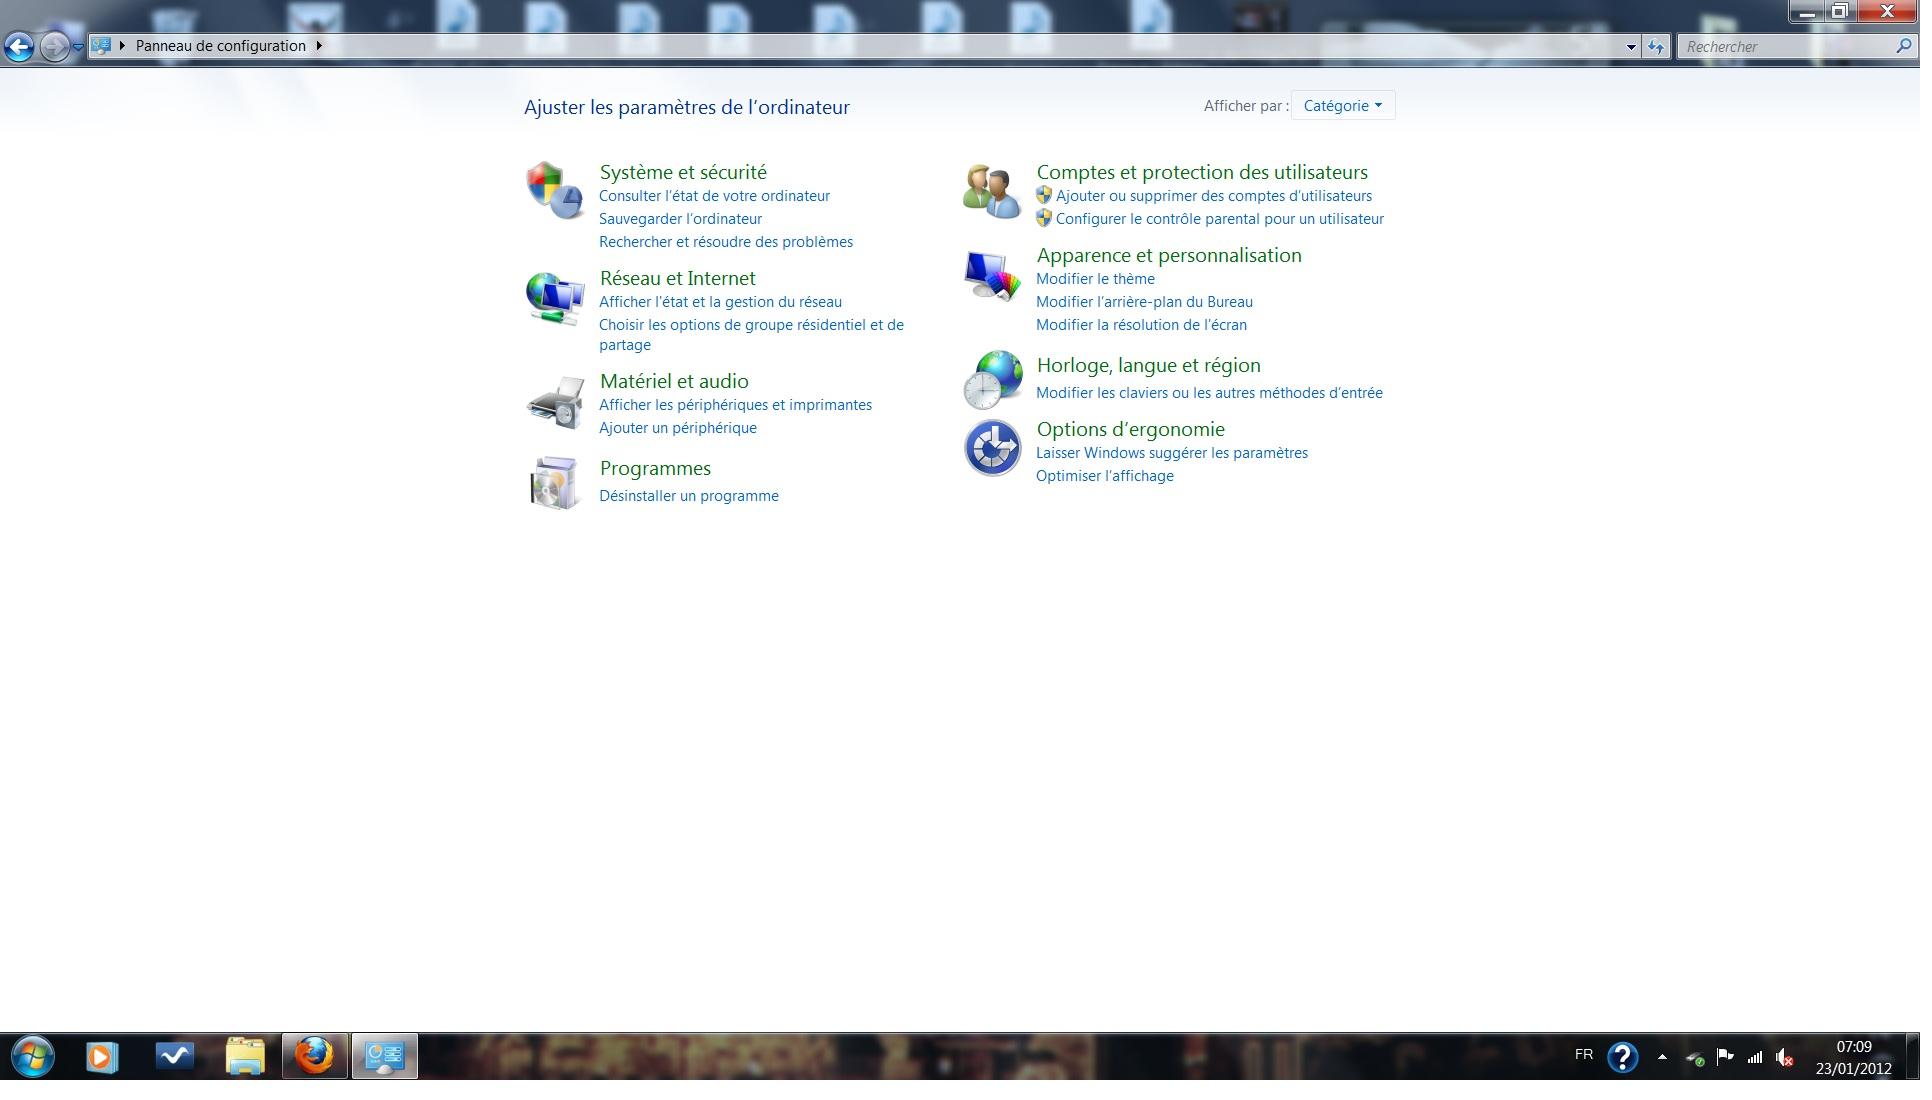 Tutoriel pour sauvegarder ses marque-pages (favoris) sous Firefox 1_212